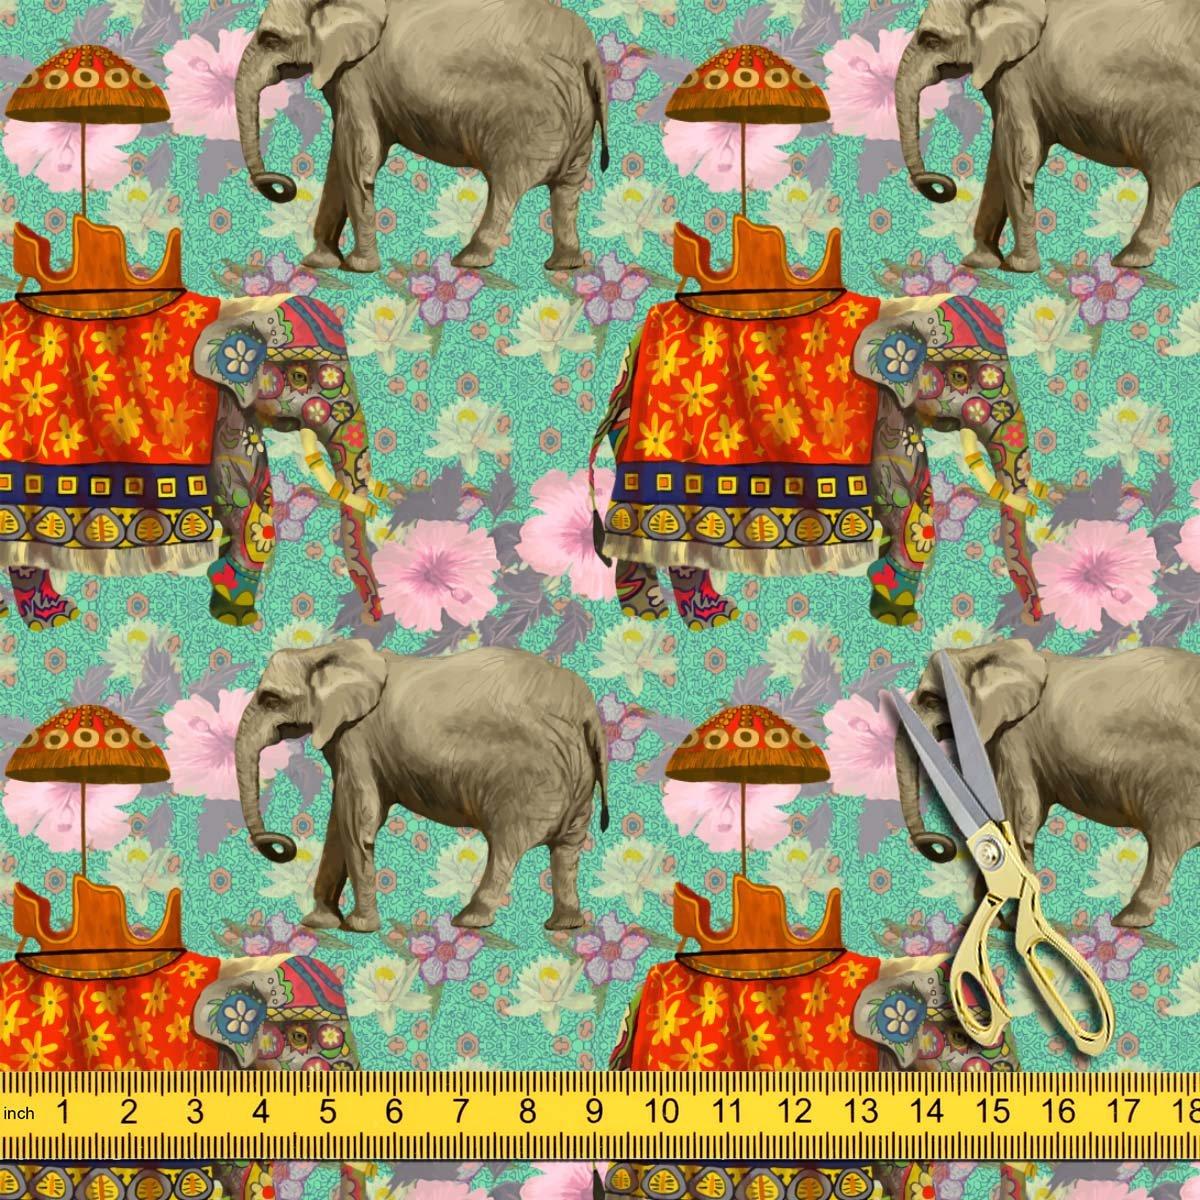 fd4eec2ab4 Amazon.com: AZ Indian Elephants Satin Fabric Dress Material & Upholstery  1.3metre x 5metre;Satin